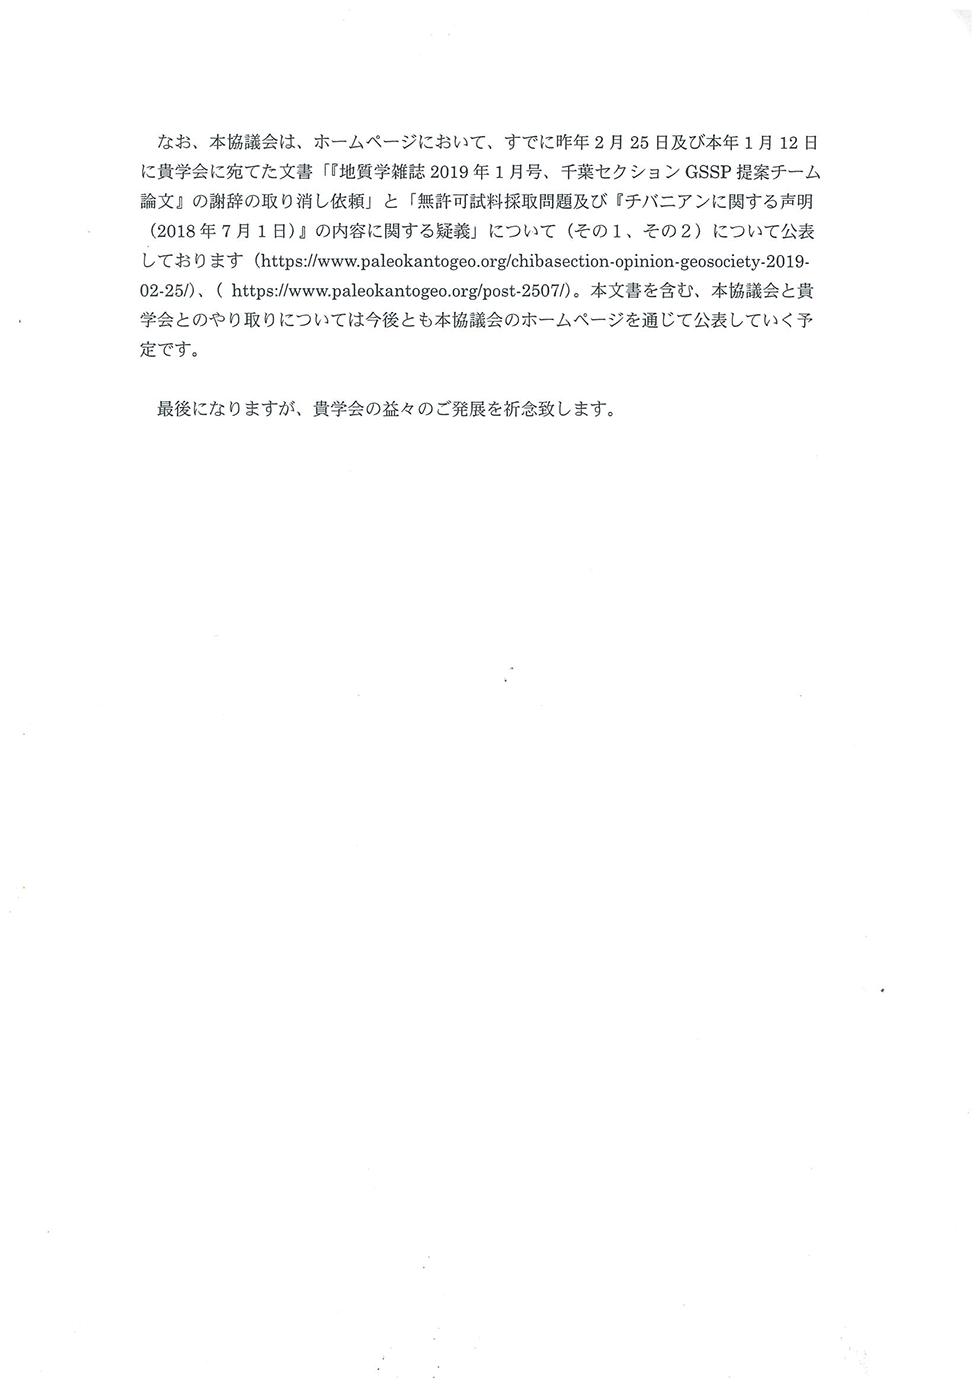 日本地質学会への「チバニアン」申請に関連した質問と要望について期限を切って回答のお願い